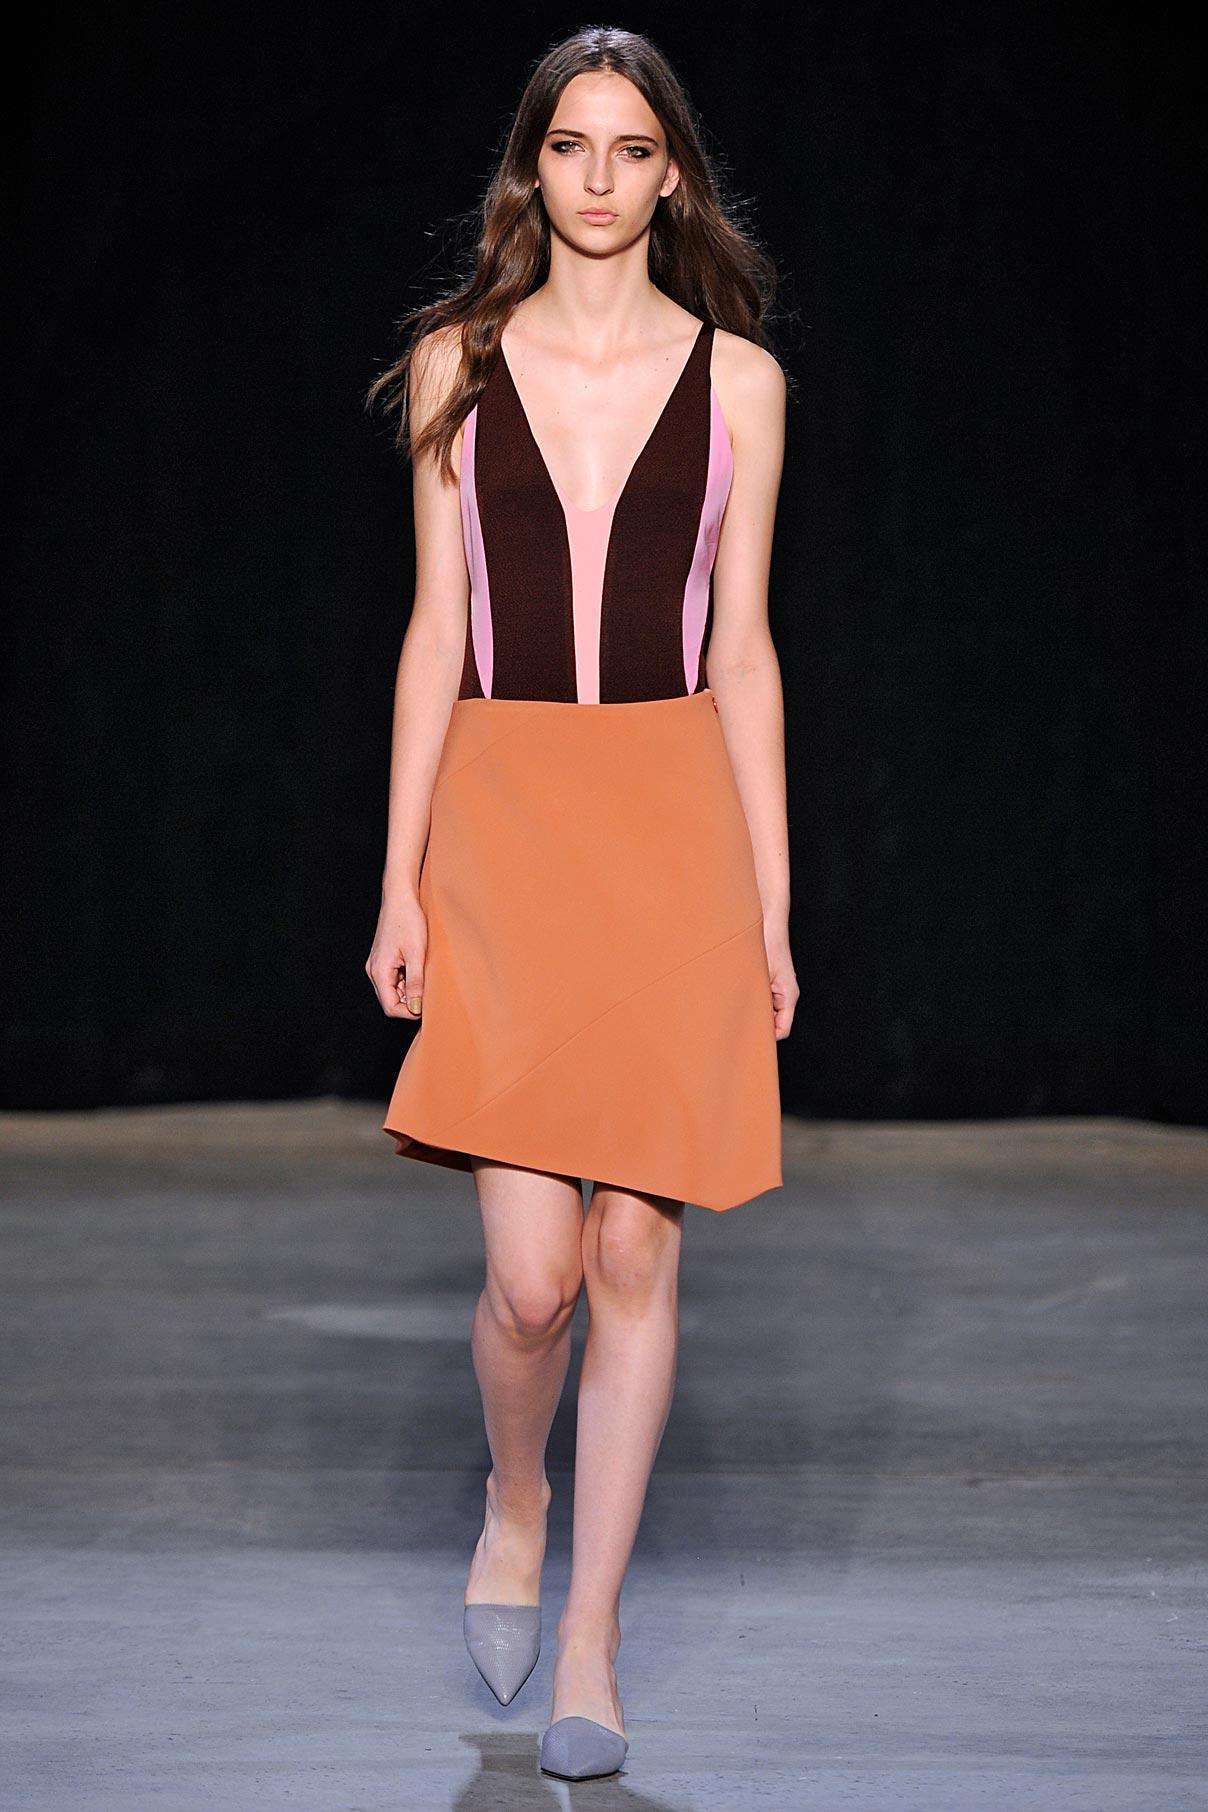 Lool 4 Claret/pink/fuchsia/clay tank dress.